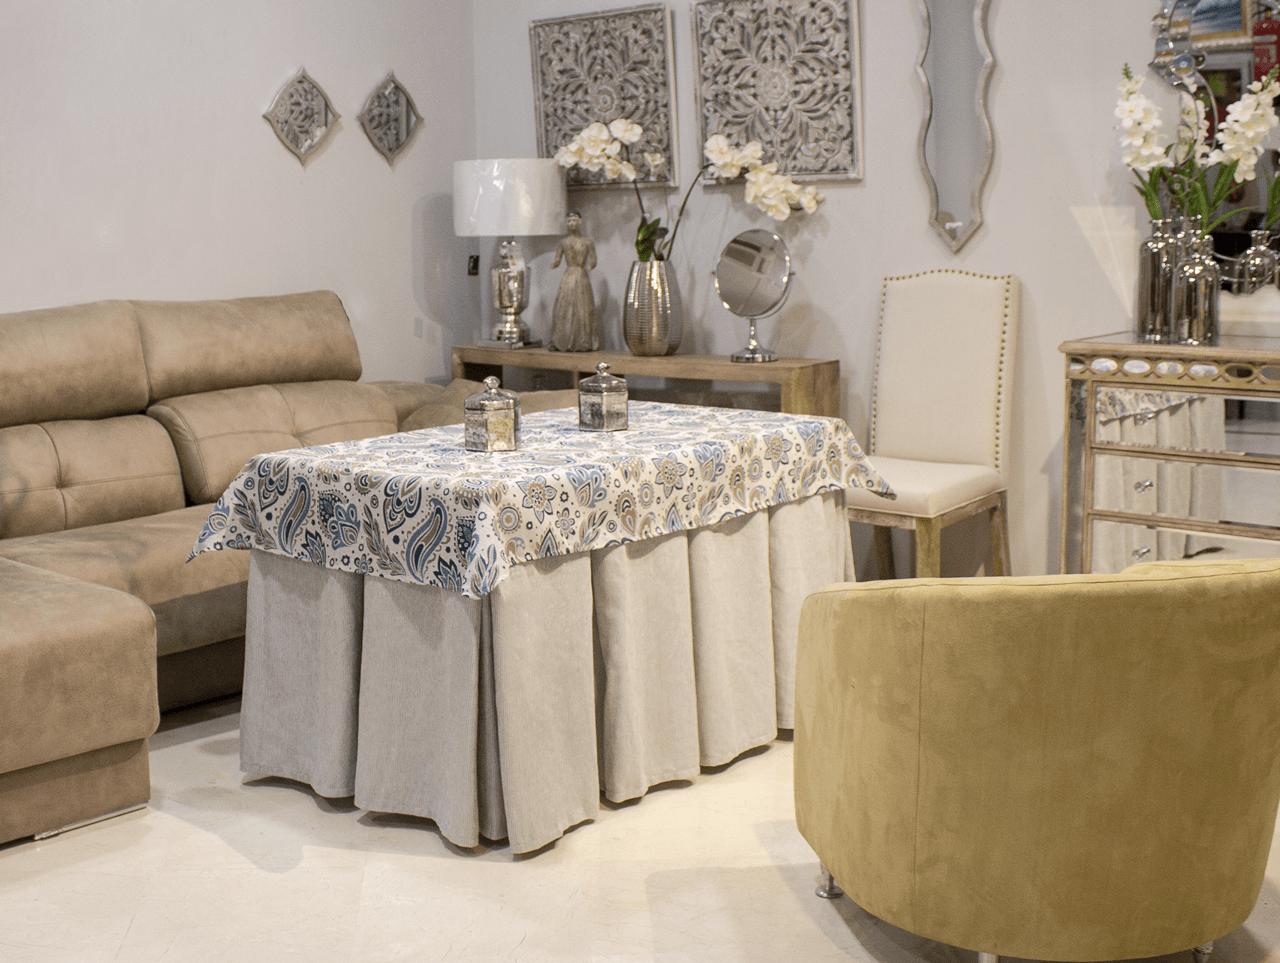 Mesa camilla plata con faldones mesas camilla y auxiliares side tables and coffe tables - Mesa camilla moderna ...